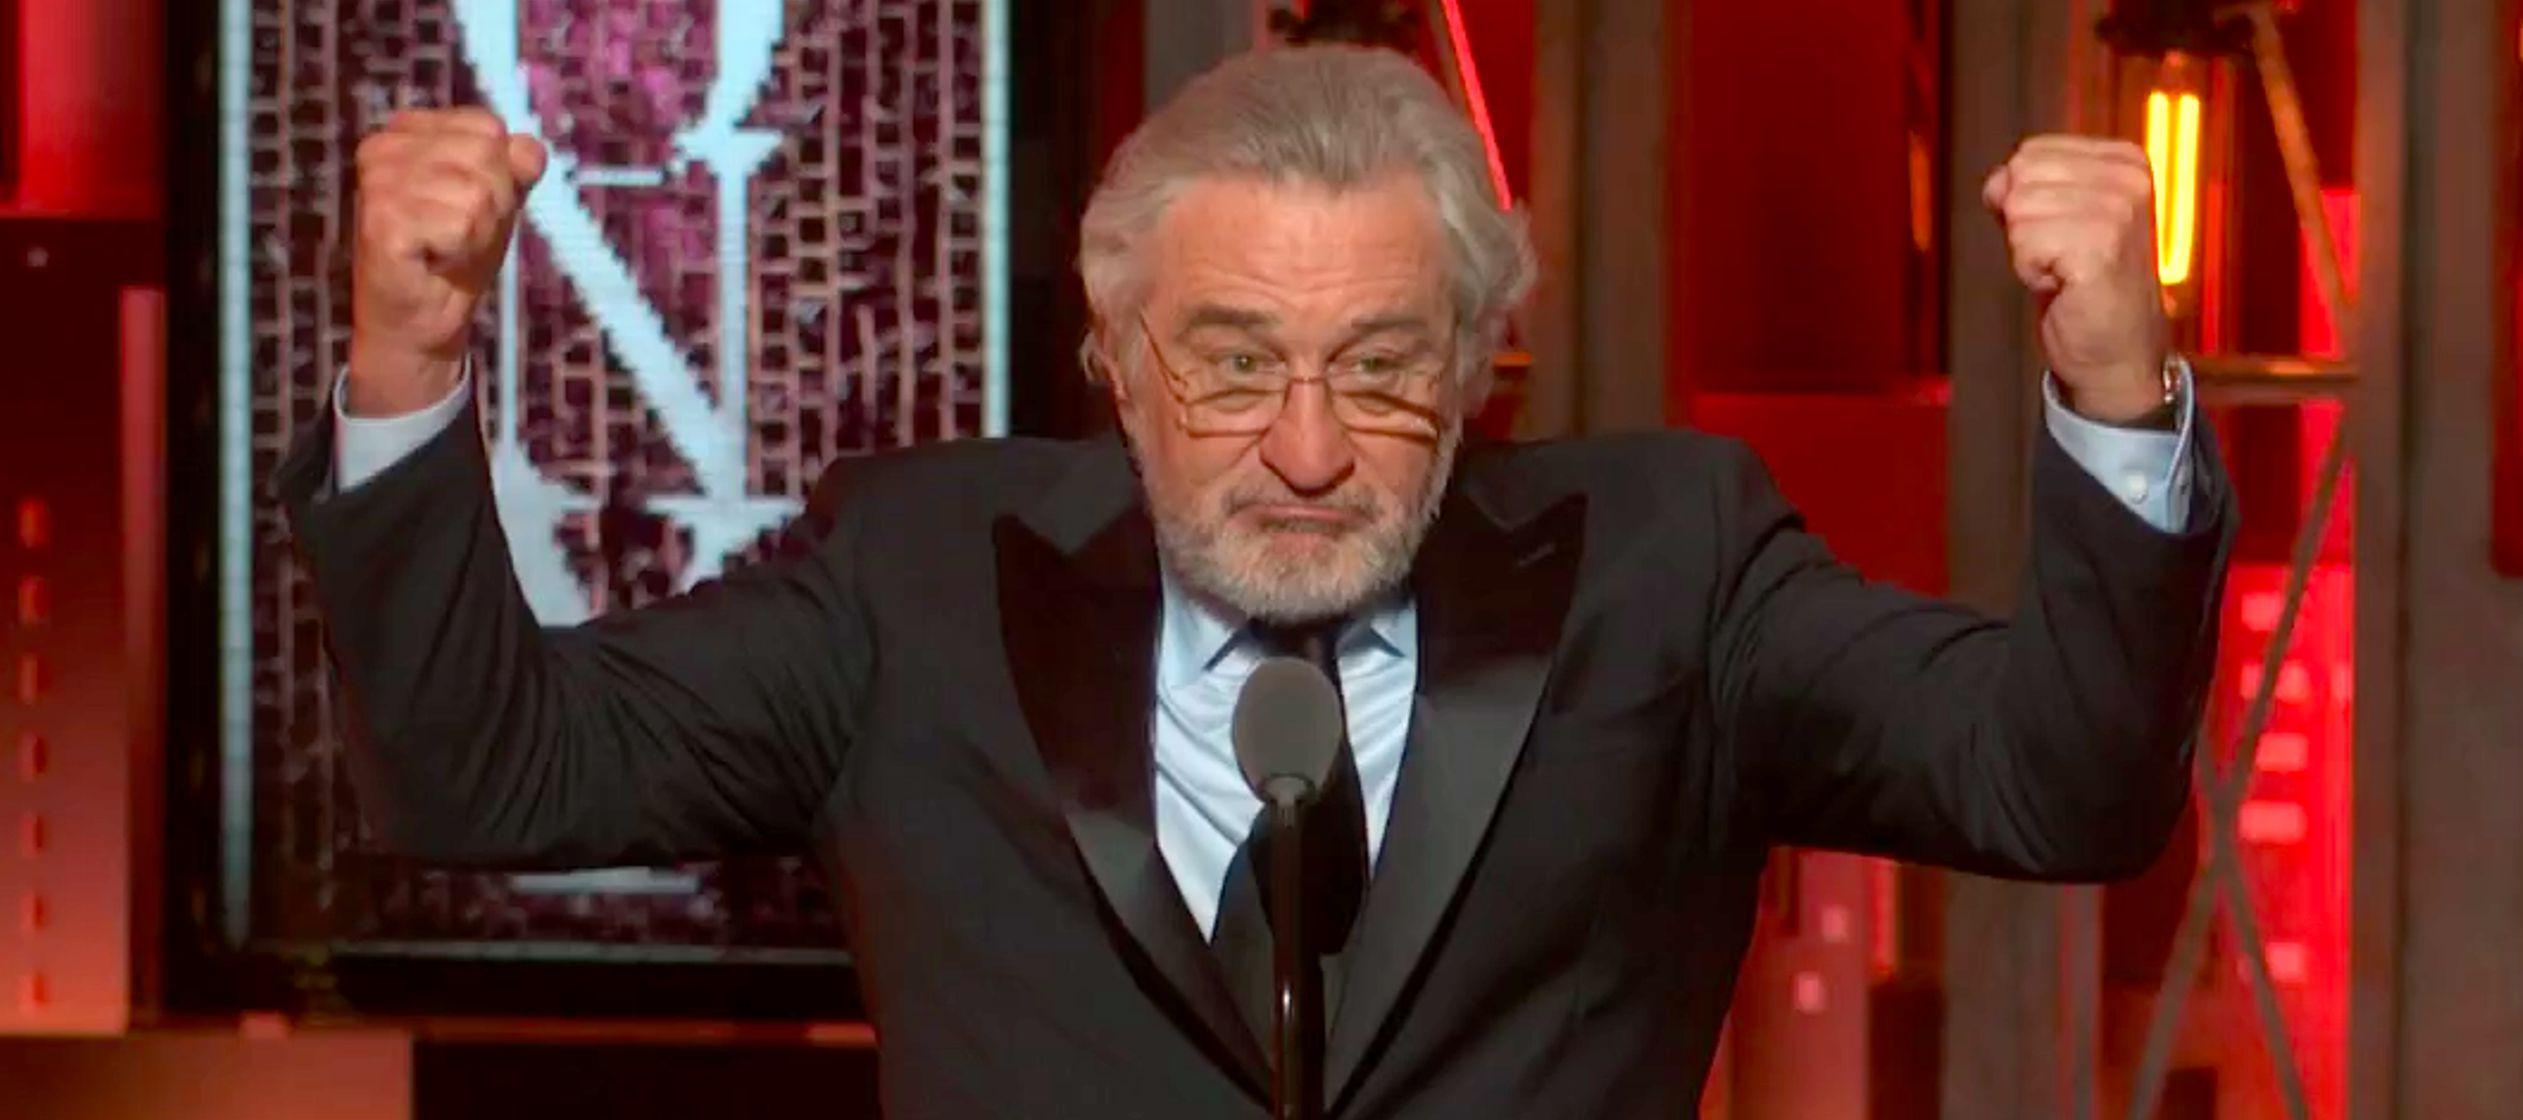 Es la segunda vez en pocas horas que De Niro decide expresar de forma pública su descontento...